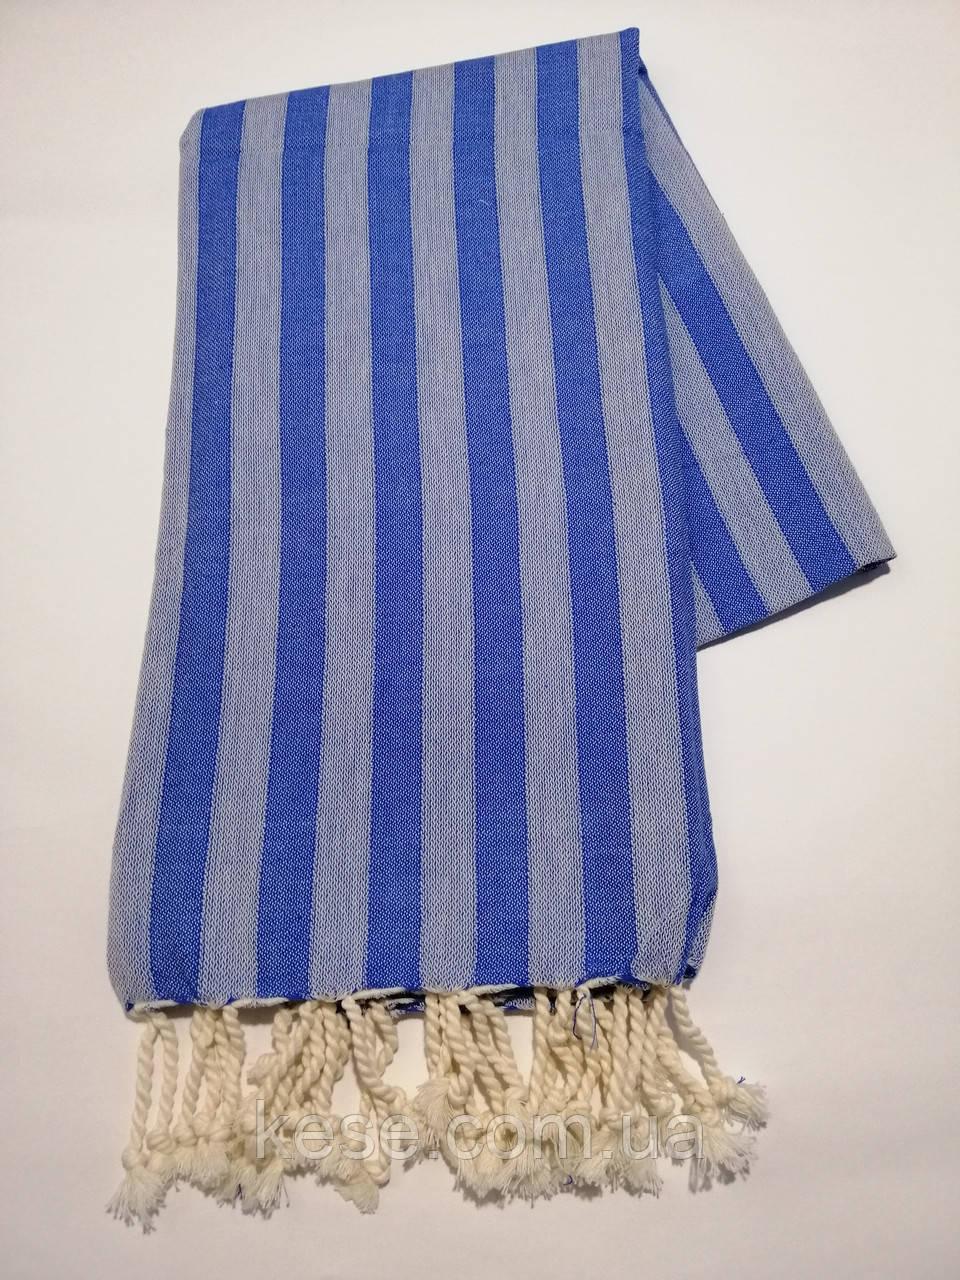 Полотенце для хамама *Milford* (синий)